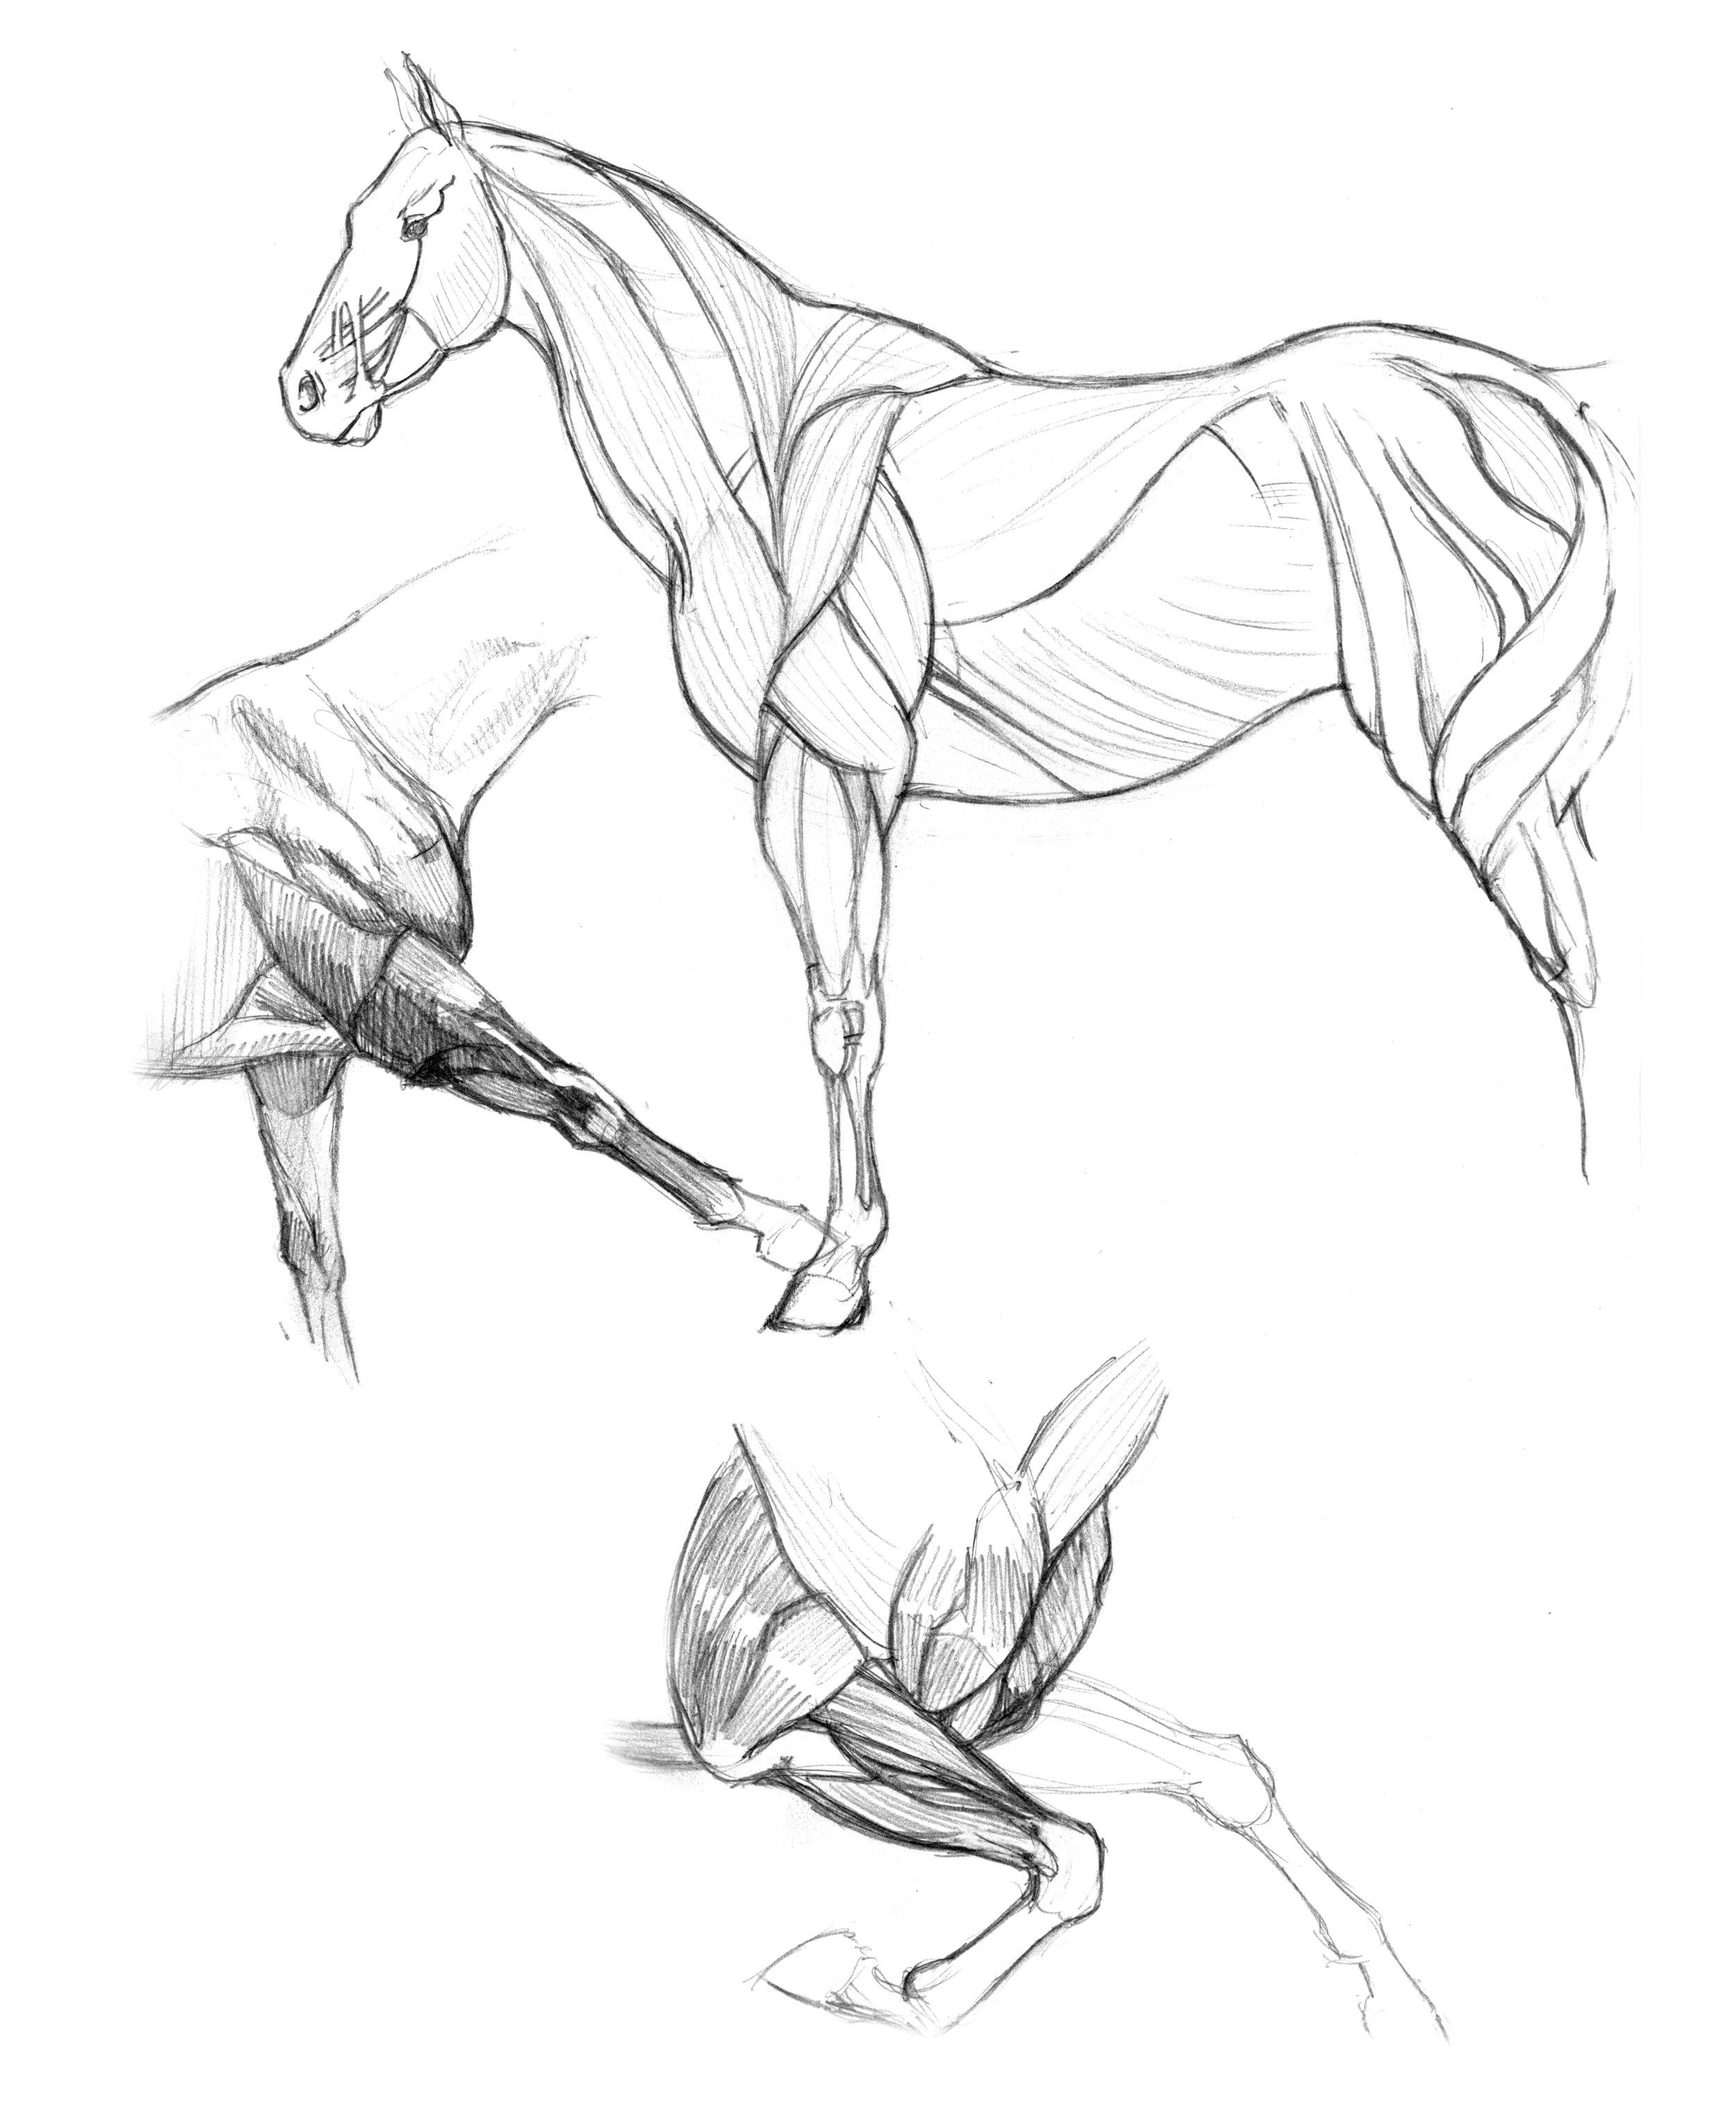 anatomy-studies-002.jpg